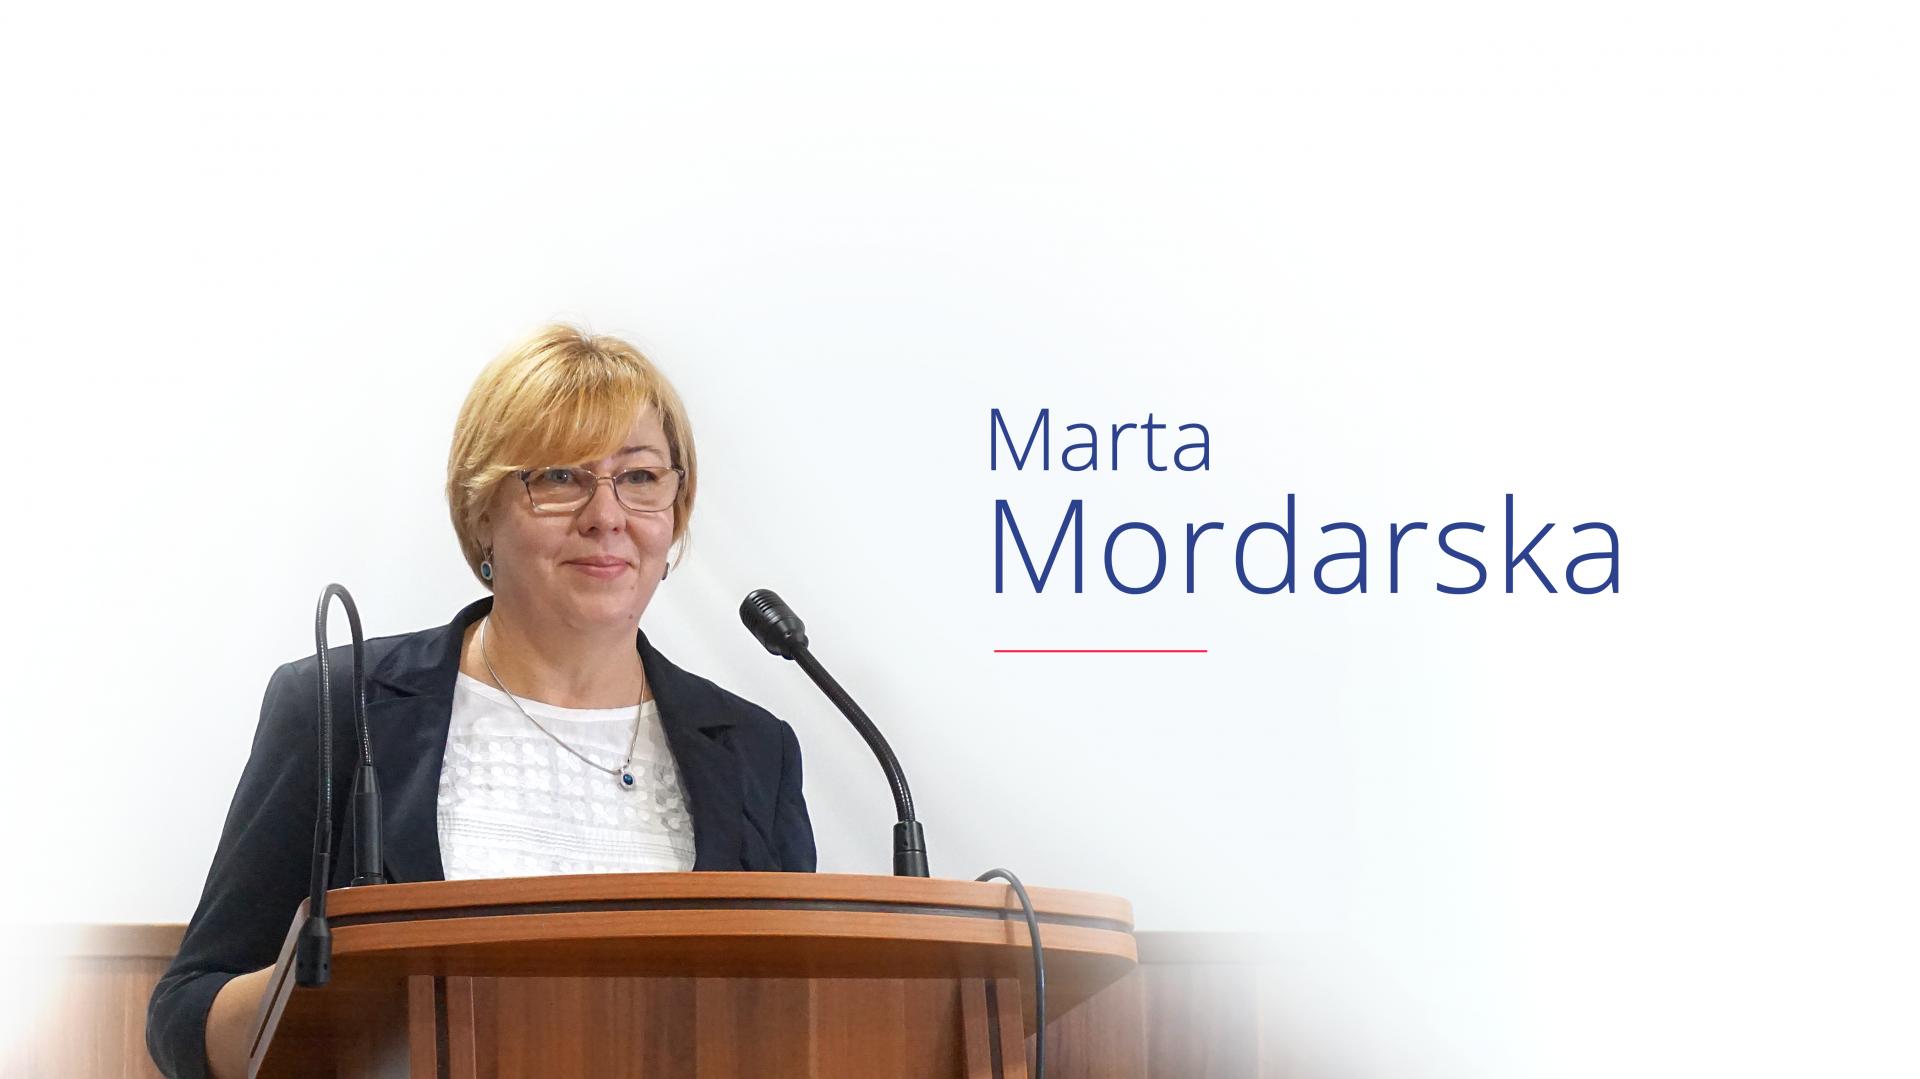 Marta Mordarska